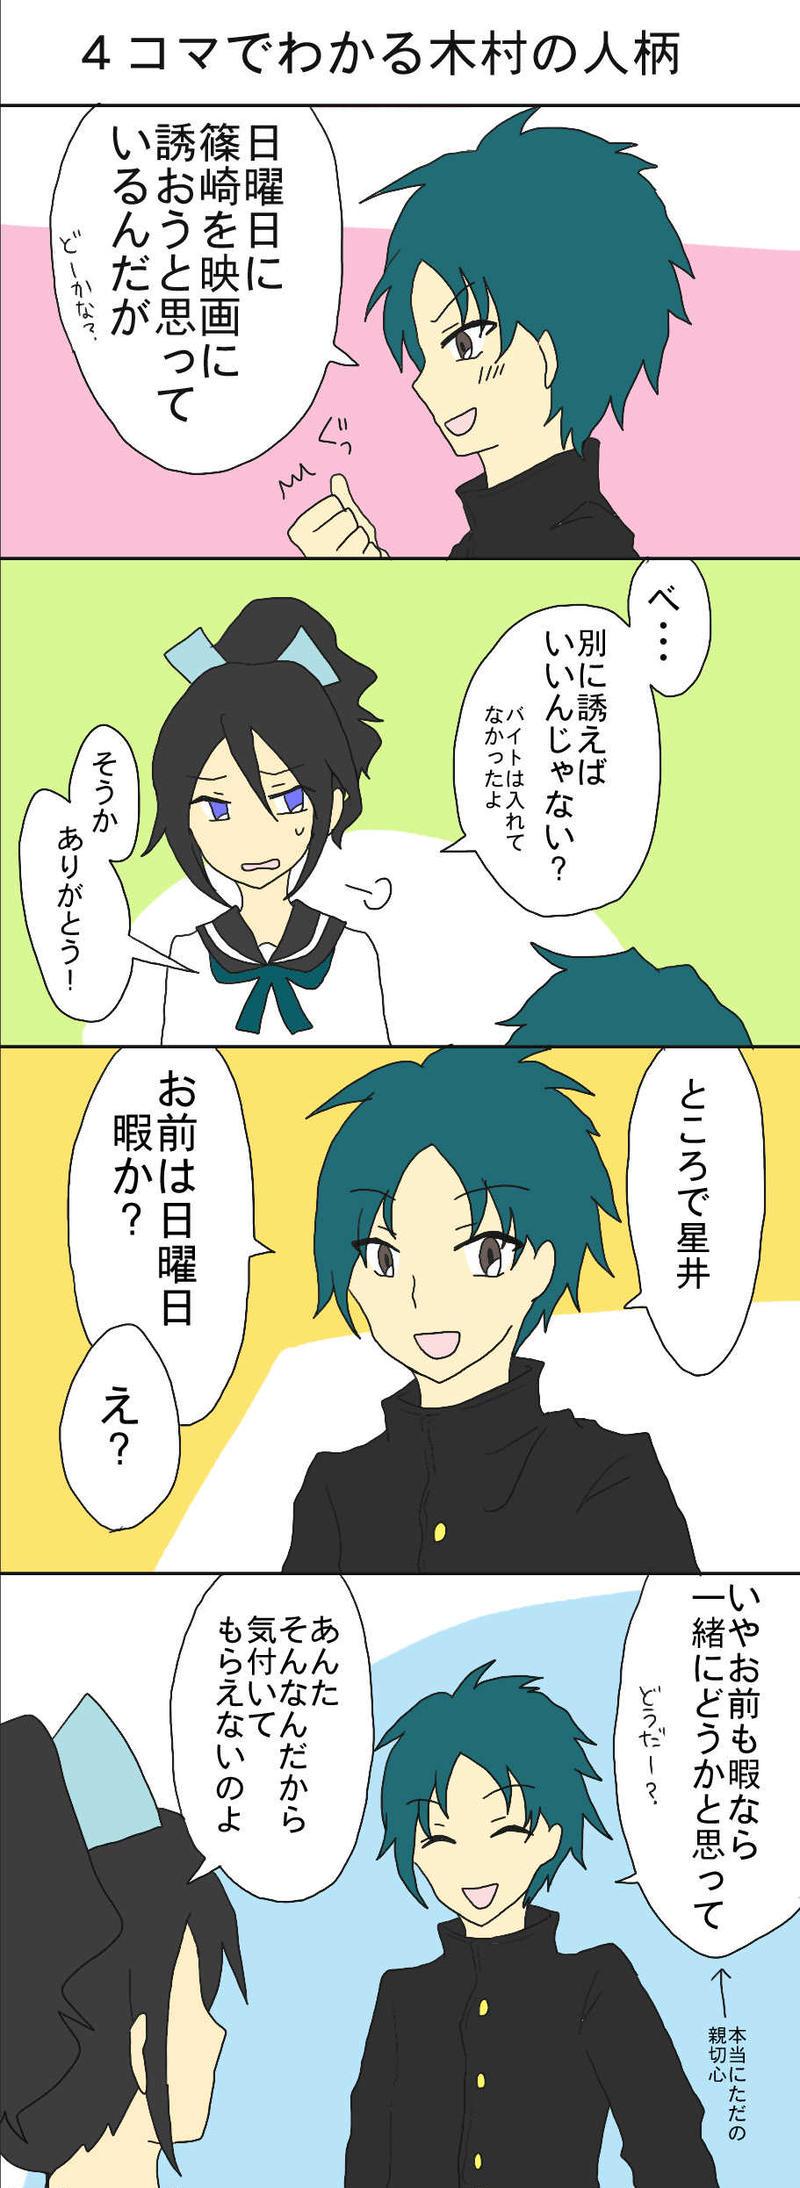 【西桜高校】男子高校生